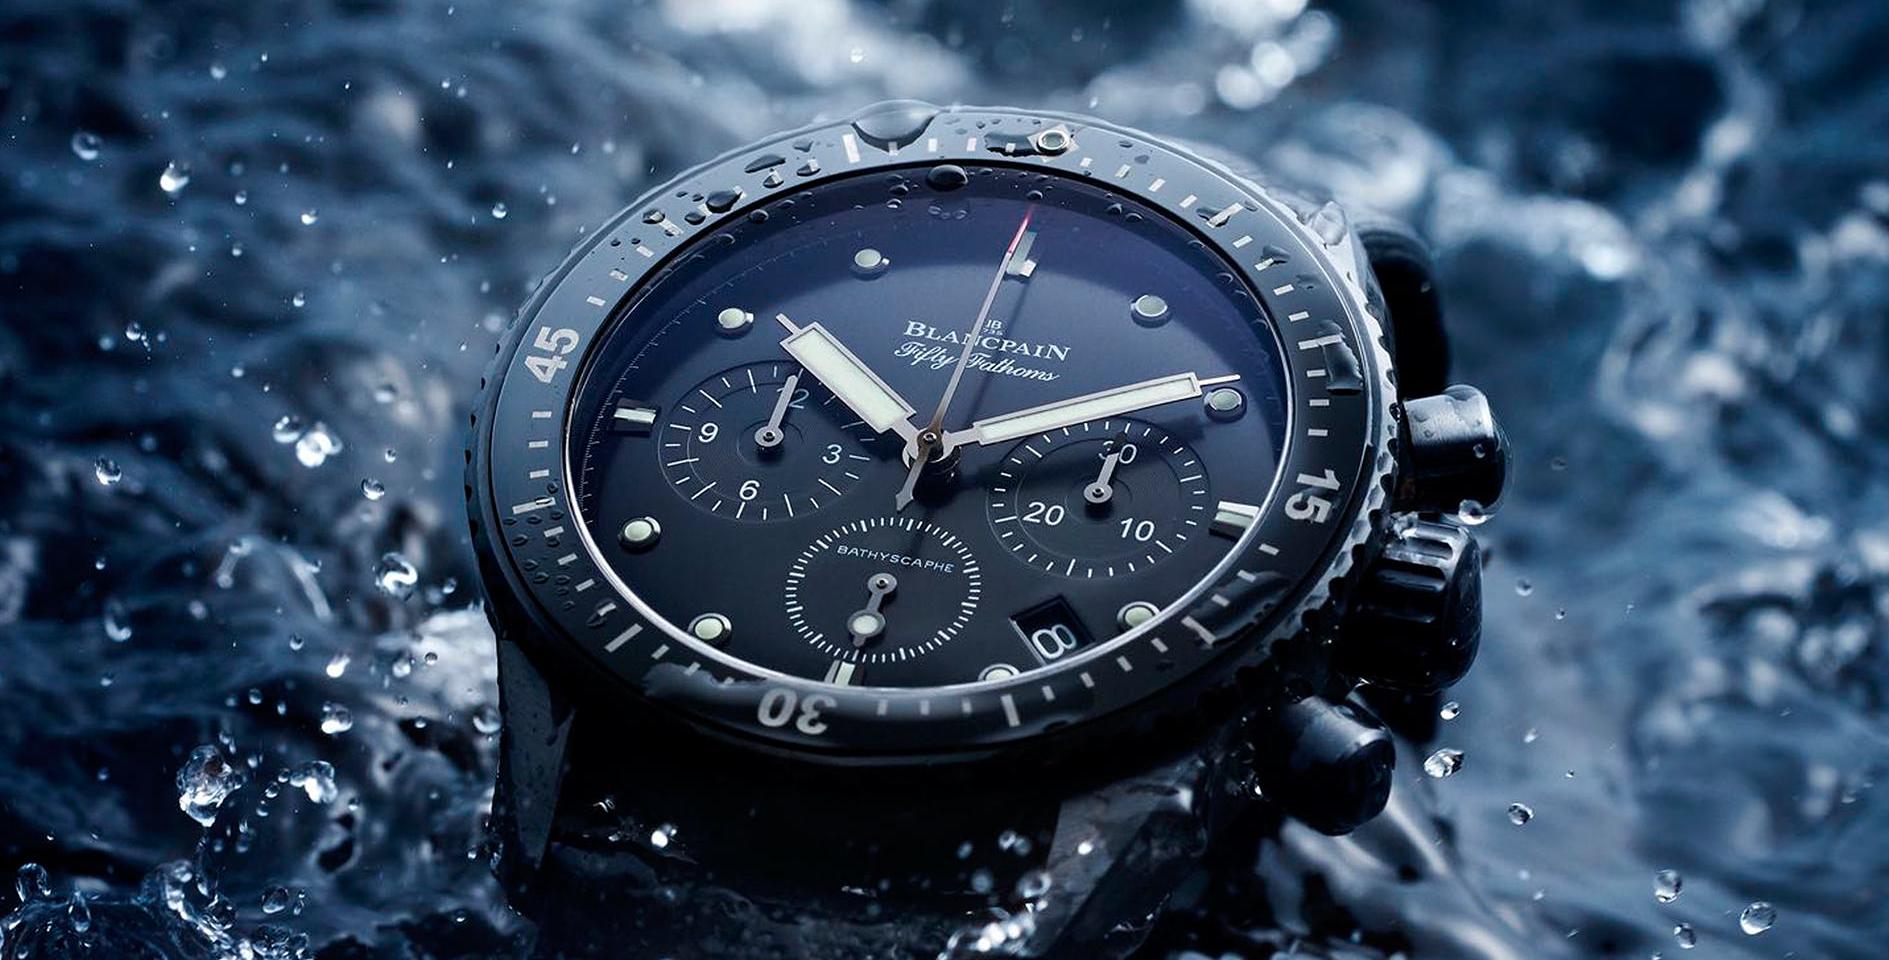 Tipps zum Umgang mit Uhren in Wassernähe